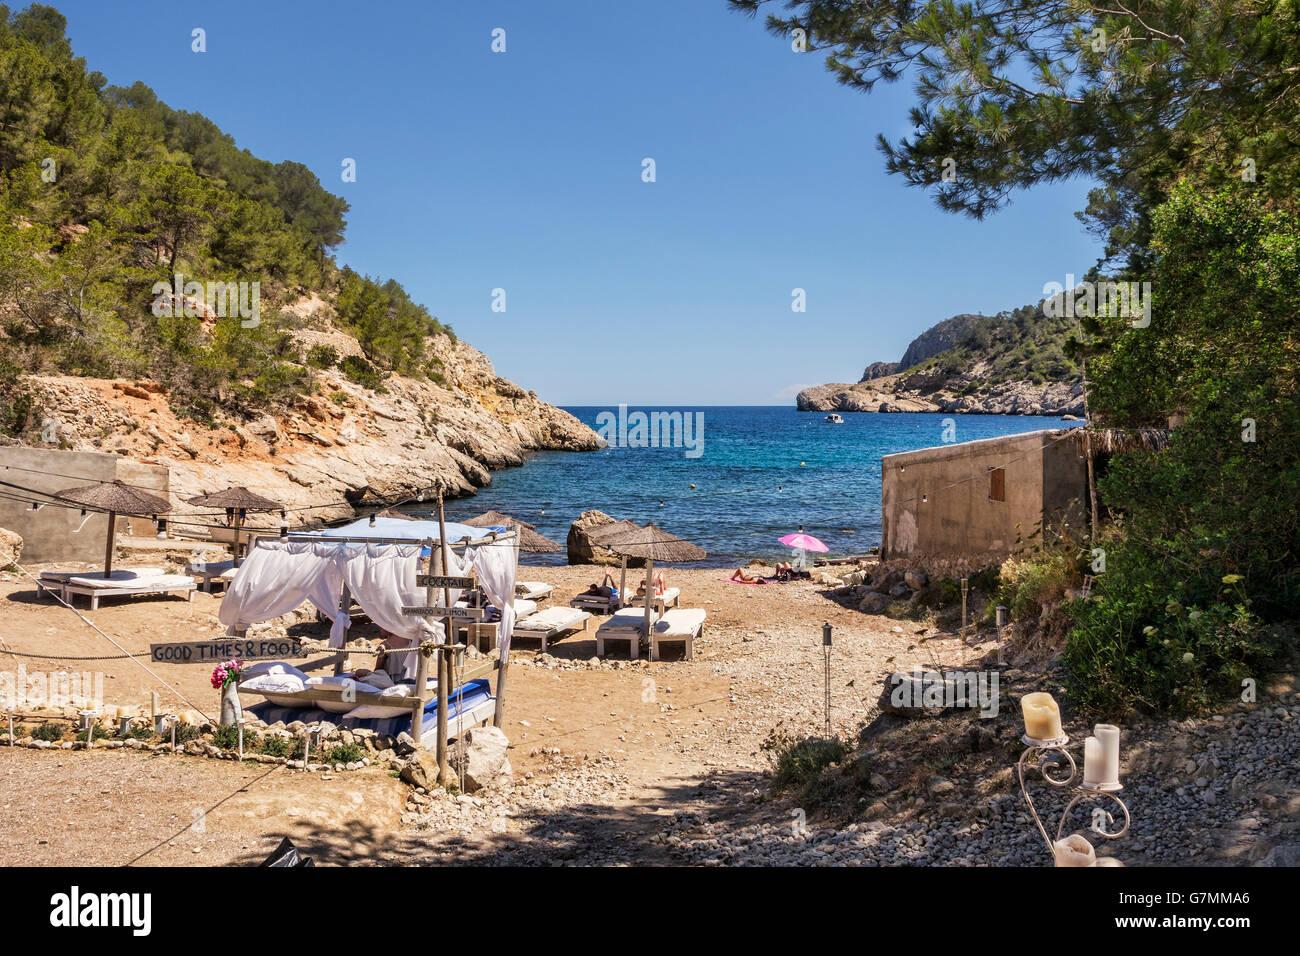 Cama con dosel en la playa del Puerto de San Miguel, Ibiza, España Imagen De Stock